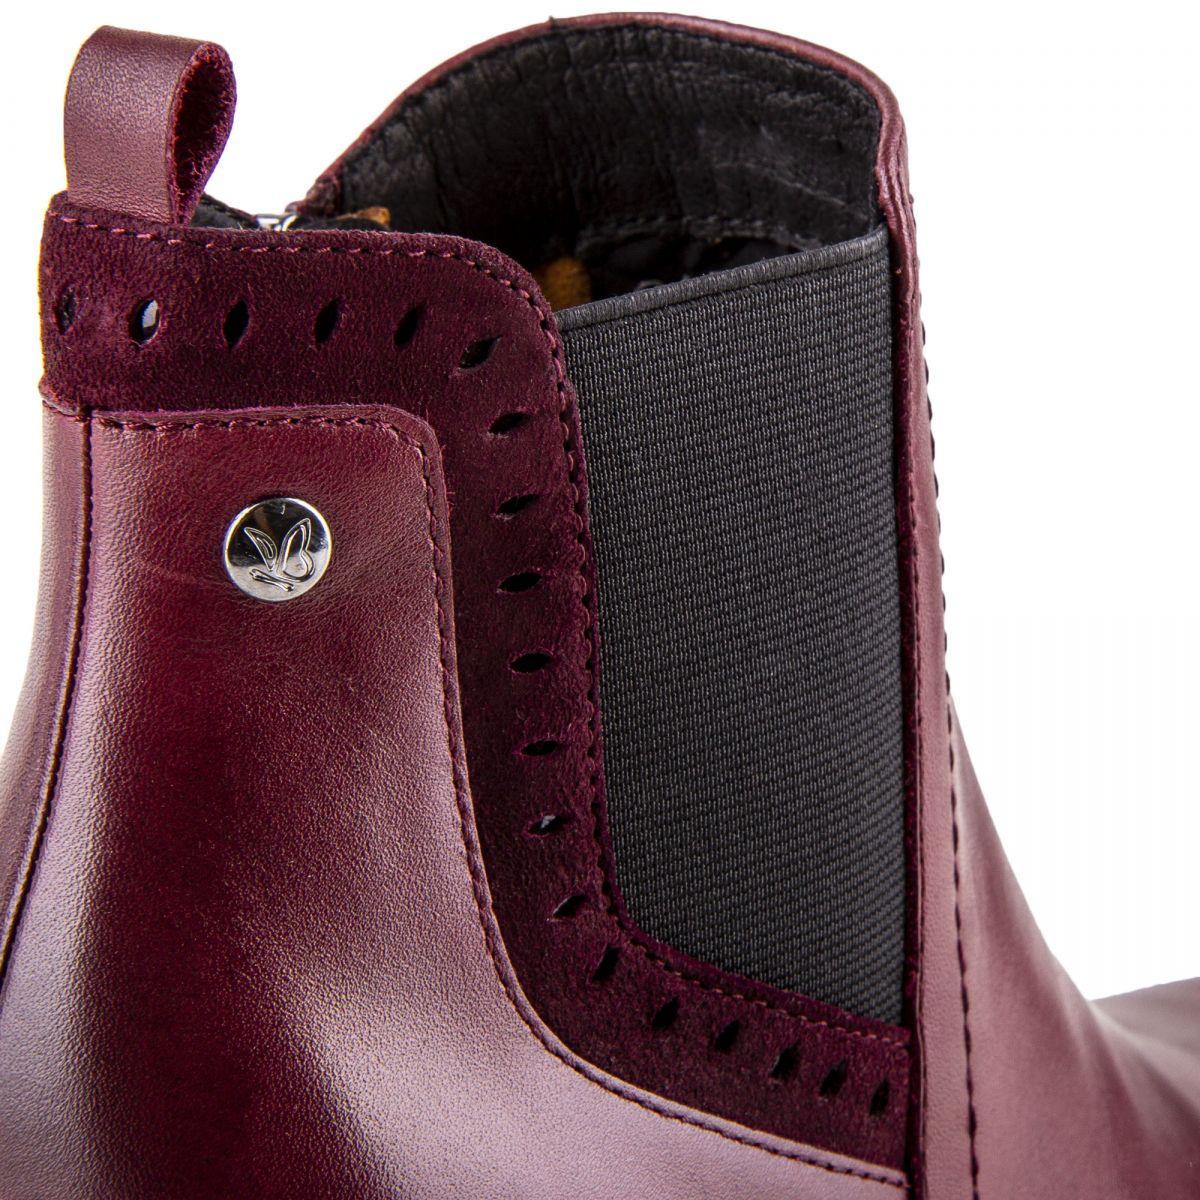 347d2c2dbdafd6 ... Chaussures bottines bordeaux en cuir et daim onAir femme CAPRICE marque  pas cher prix dégriffés destockage ...